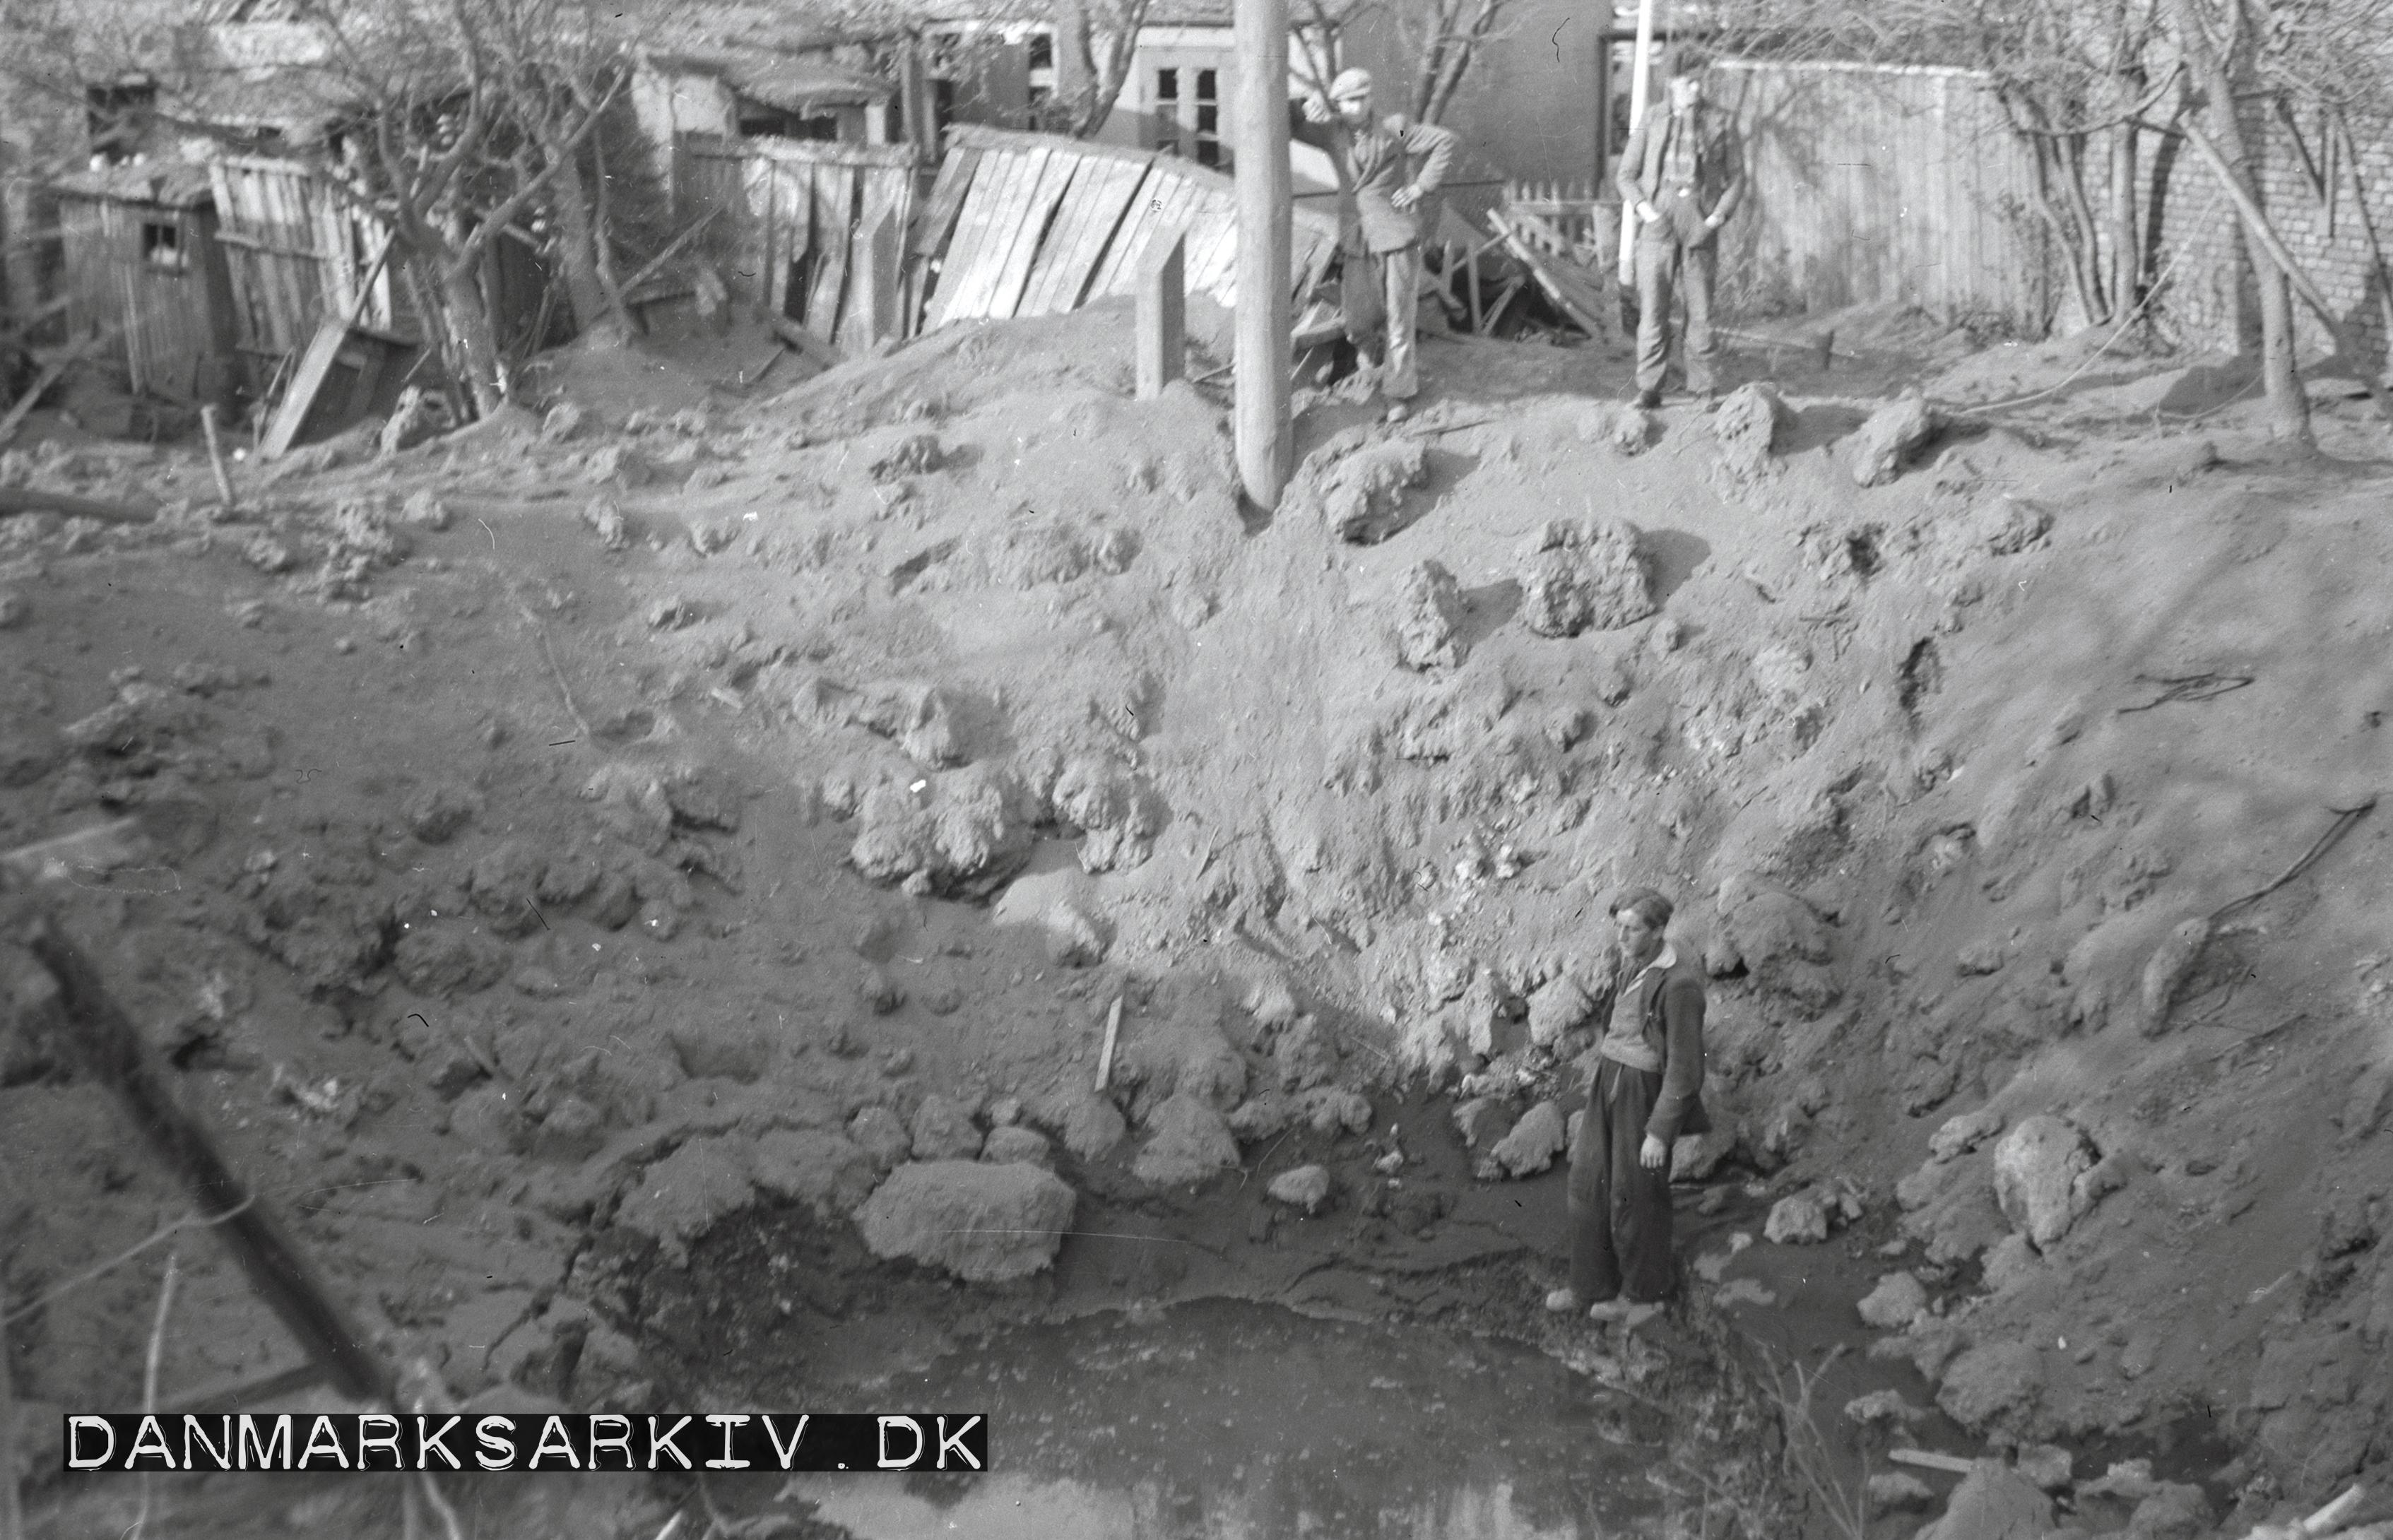 Bombekrater efter de sovjetiske styrkers bombardement af Rønne i 1945